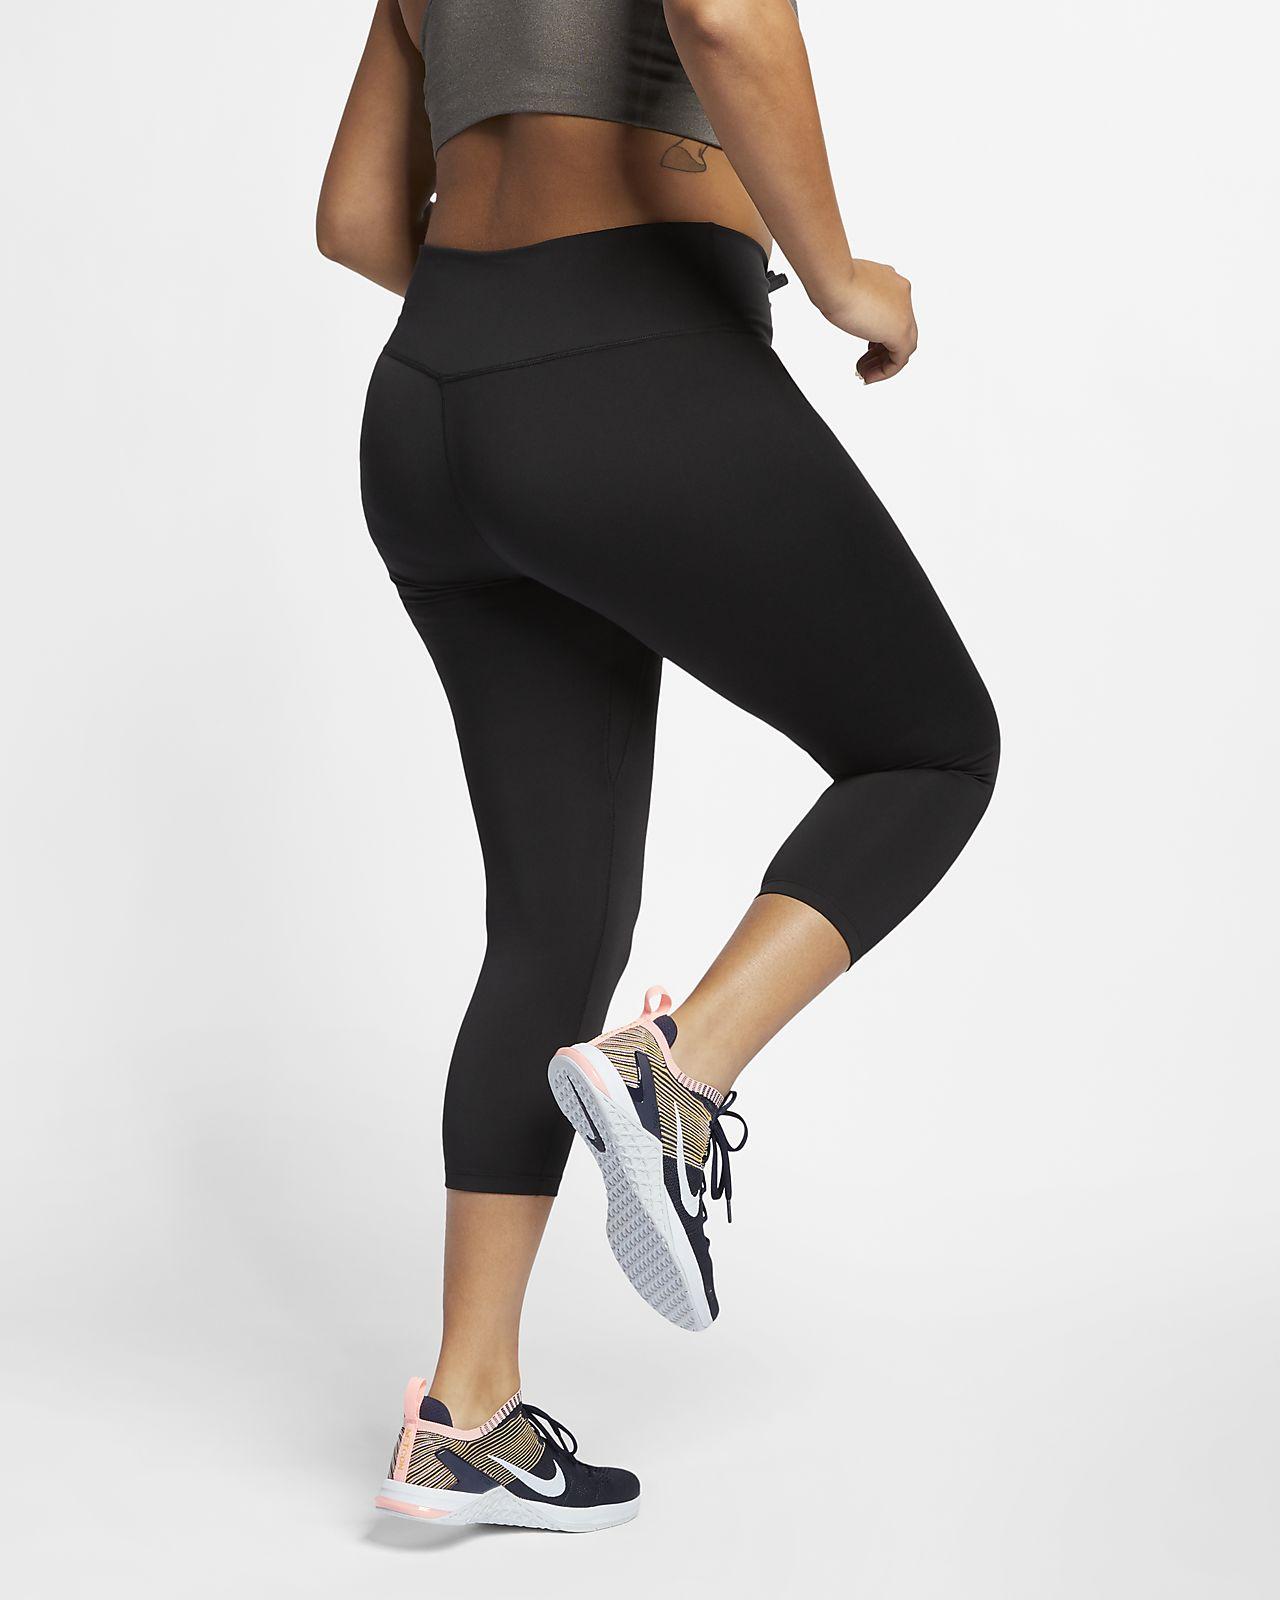 Nike One 34 Hose für Damen (große Größe)